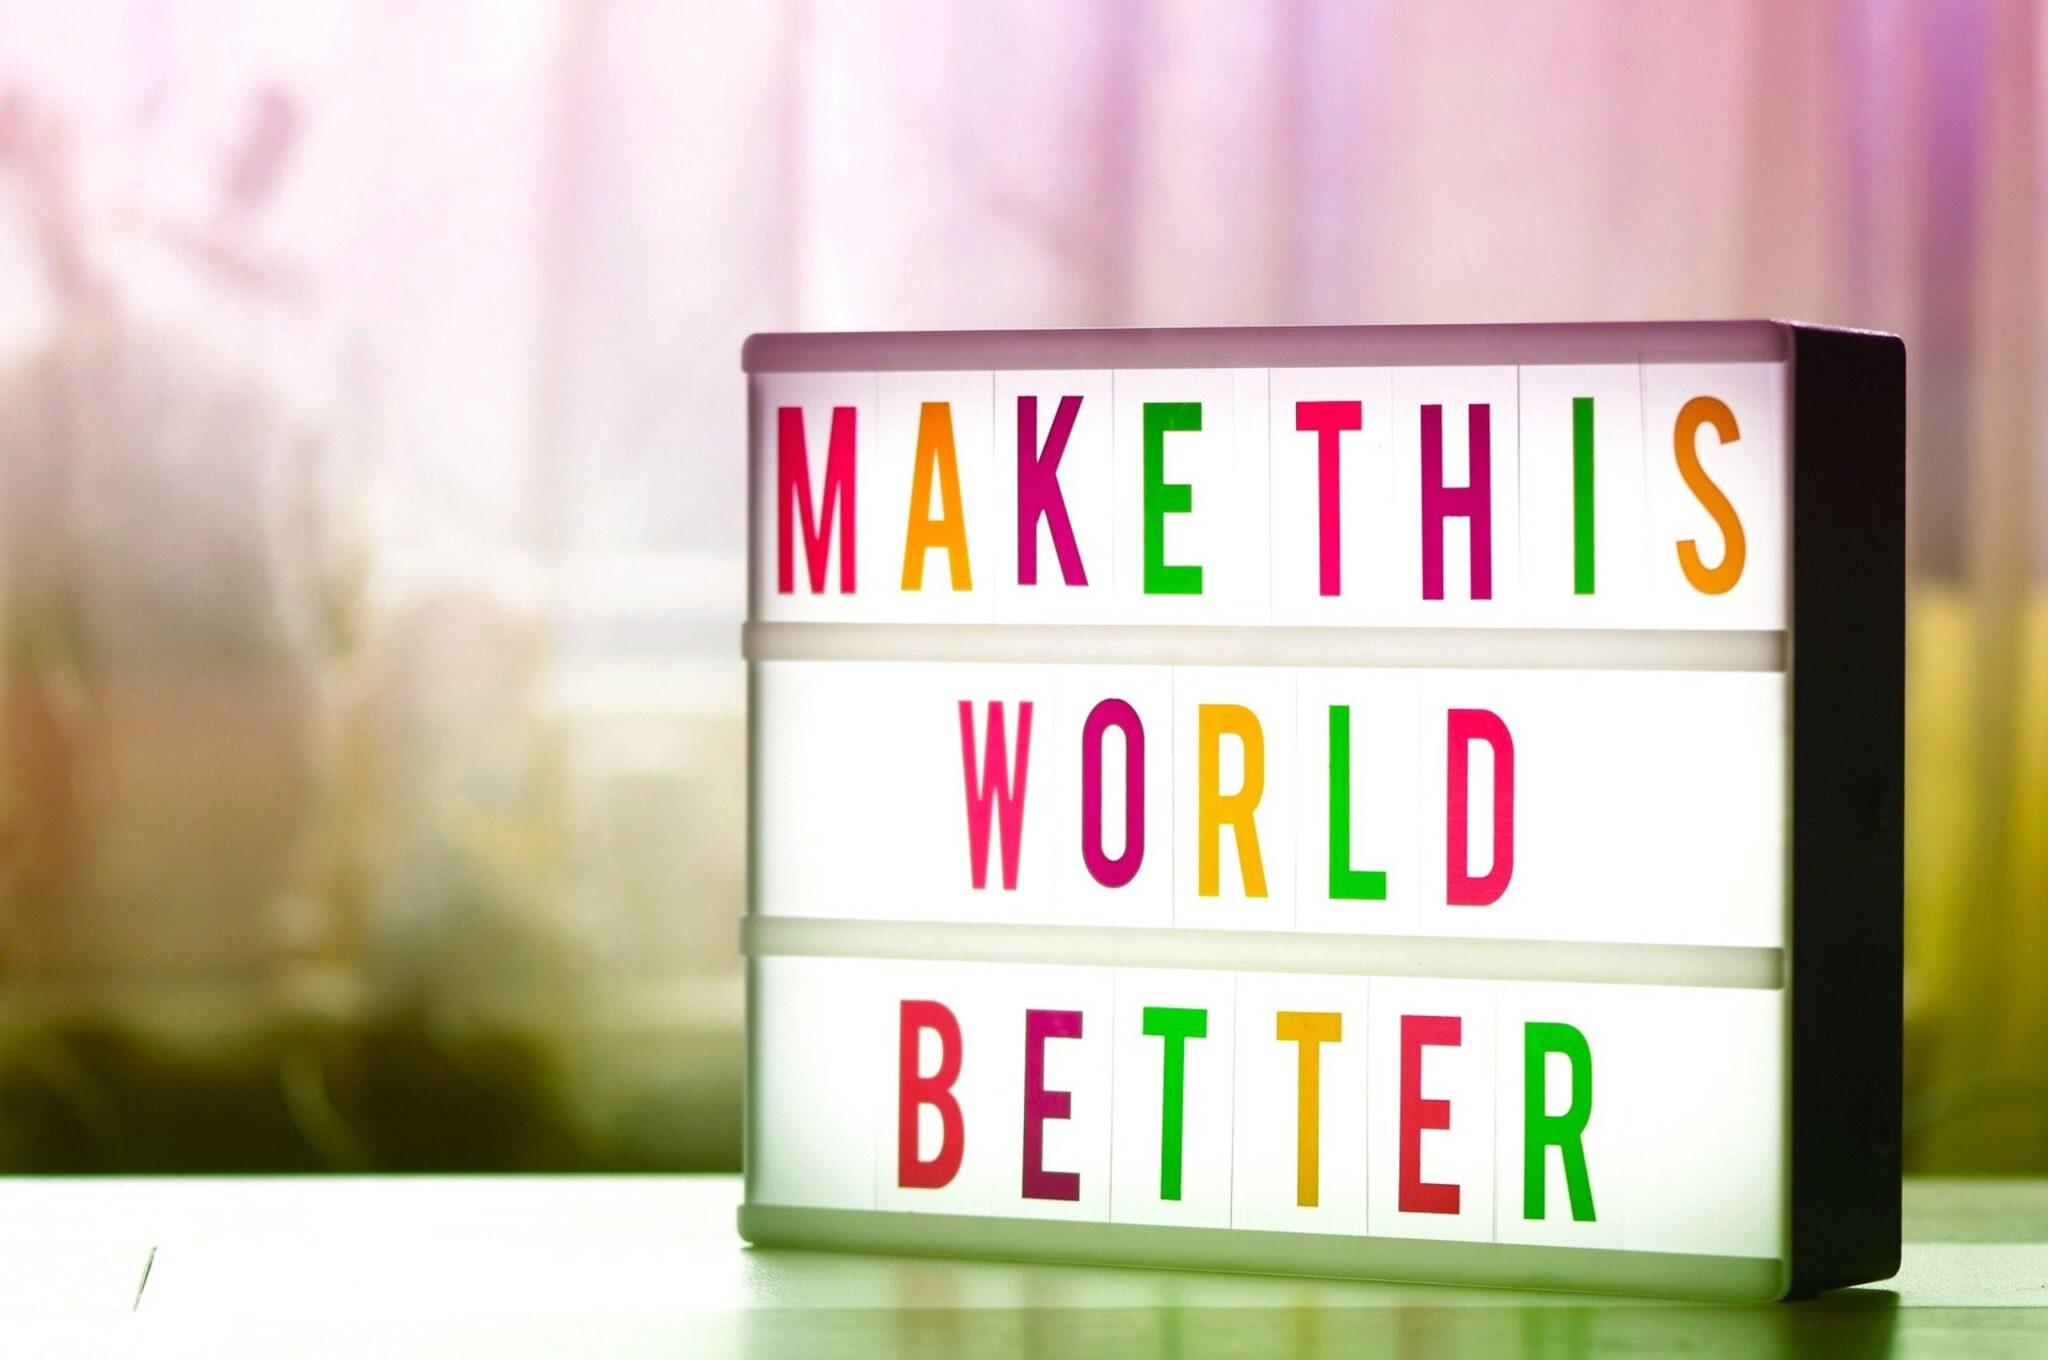 aziende migliorano il mondo